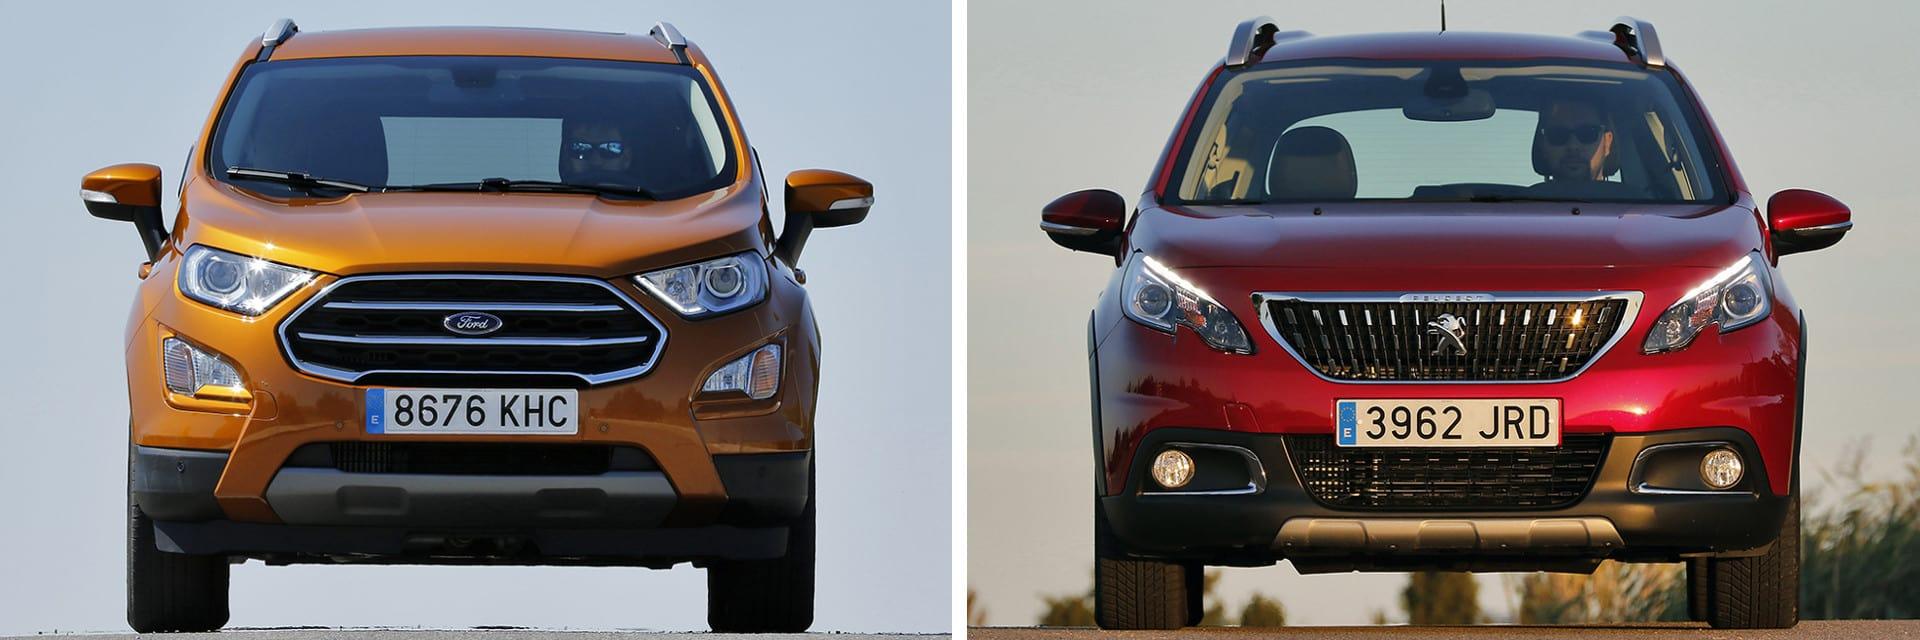 Pese a tener menos potencia el Peugeot (dcha.), tiene mejores prestaciones que el Ford (izq.)